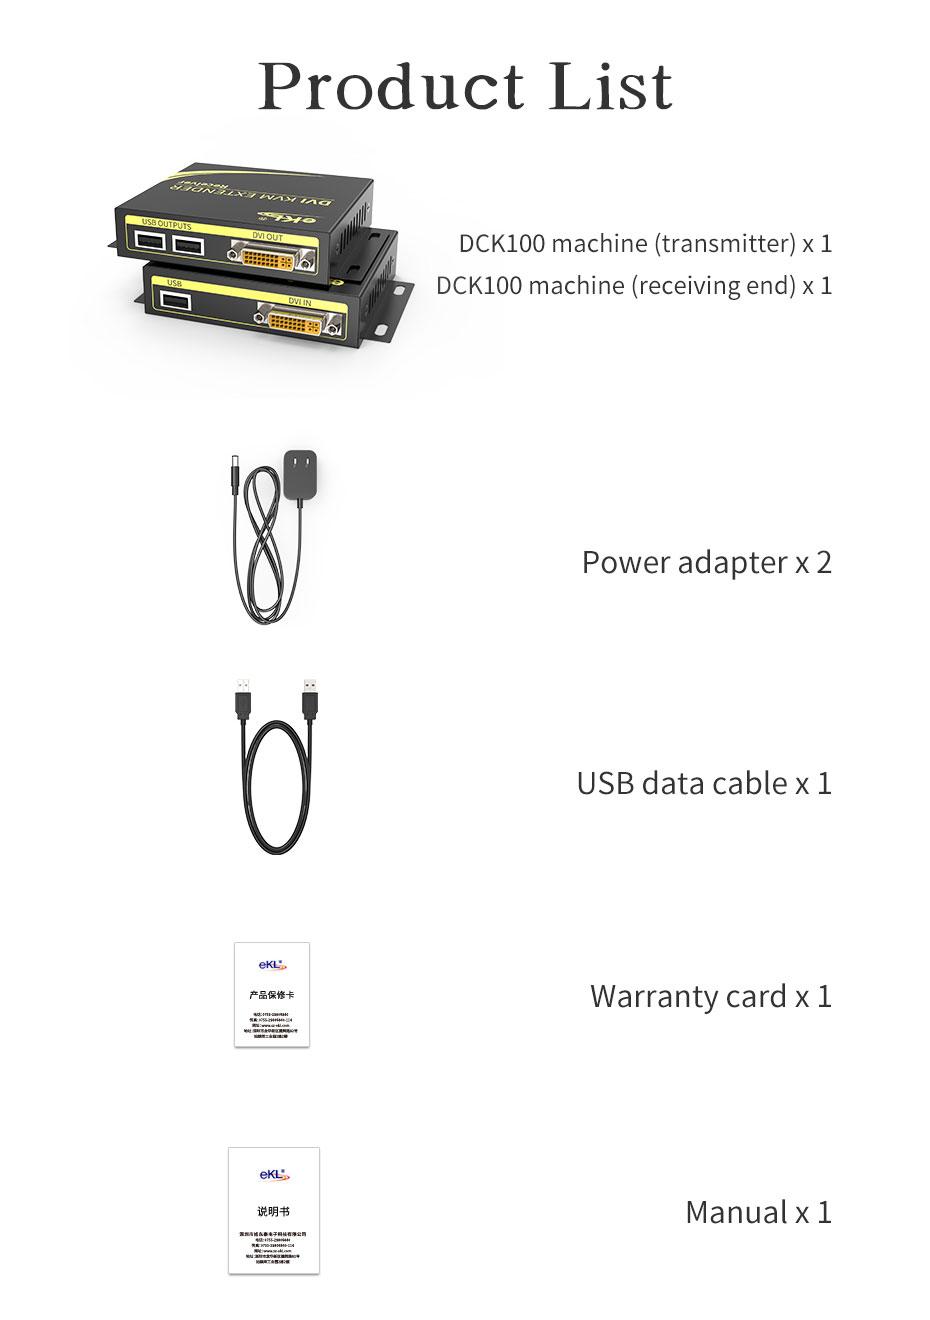 100m DVI KVM single network cable extender DCK100 standard accessories